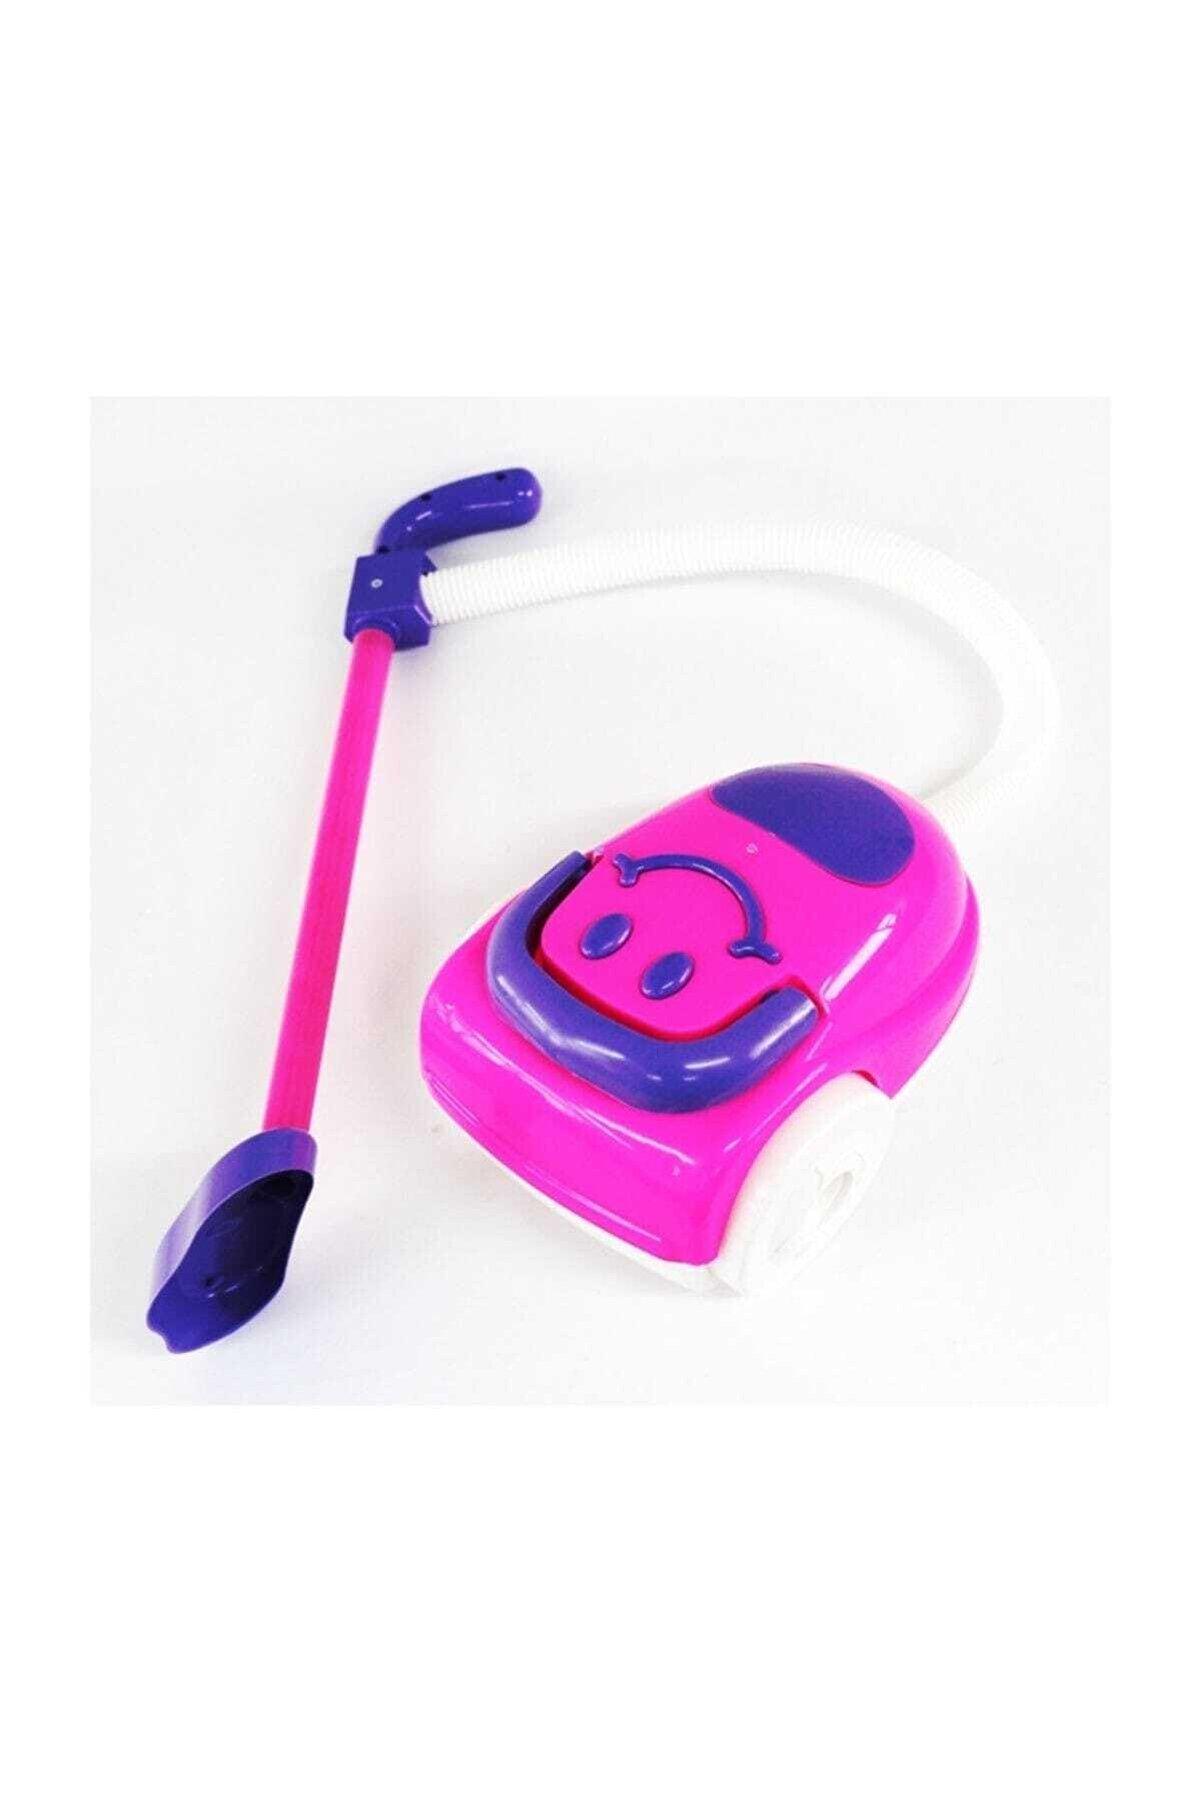 King Toys Gülen Eğlenceli Mutlu Oyuncak Süpürge Mor Ve Pembe Renk